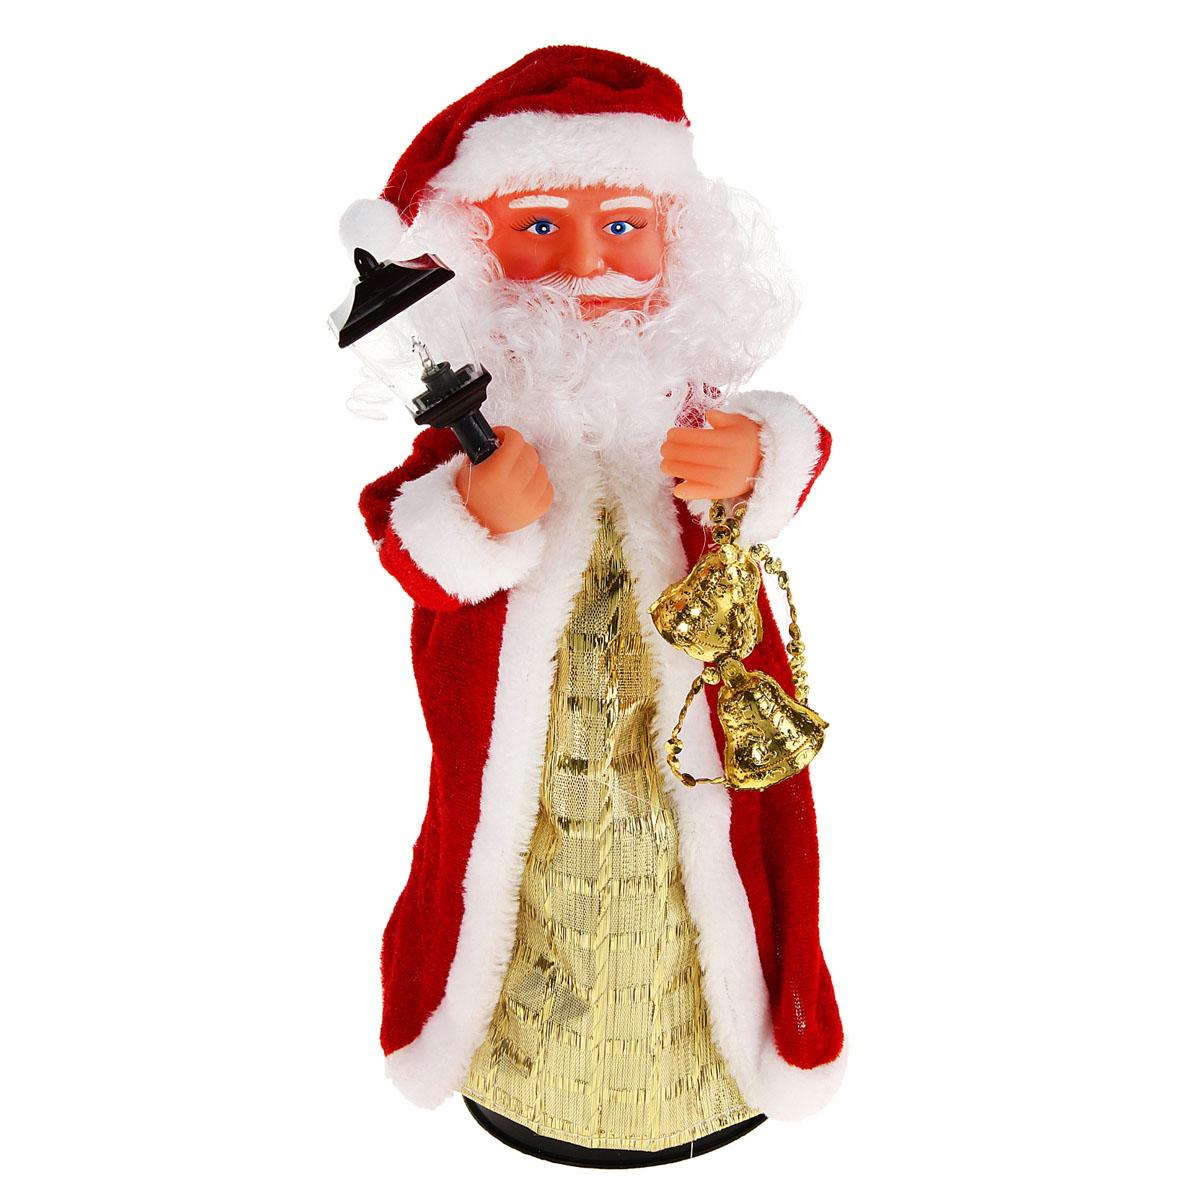 Новогодняя декоративная фигурка Sima-land Дед Мороз, анимированная, высота 28 см. 827831827831Новогодняя декоративная фигурка выполнена из высококачественного пластика в виде Деда Мороза. Дед Мороз одет в шубу с опушкой. На голове колпак в цвет шубы. В одной руке Дед Мороз держит фонарик, а в другой колокольчики. Особенностью фигурки является наличие механизма, при включении которого играет мелодия, фонарик светится, а кукла начинает крутиться вокруг своей оси, шевеля руками и головой. Его добрый вид и очаровательная улыбка притягивают к себе восторженные взгляды. Декоративная фигурка Дед Мороз подойдет для оформления новогоднего интерьера и принесет с собой атмосферу радости и веселья. УВАЖАЕМЫЕ КЛИЕНТЫ!Обращаем ваше внимание на тот факт, что декоративная фигурка работает от трех батареек типа АА/R6/UM-3 напряжением 1,5V. Батарейки в комплект не входят.